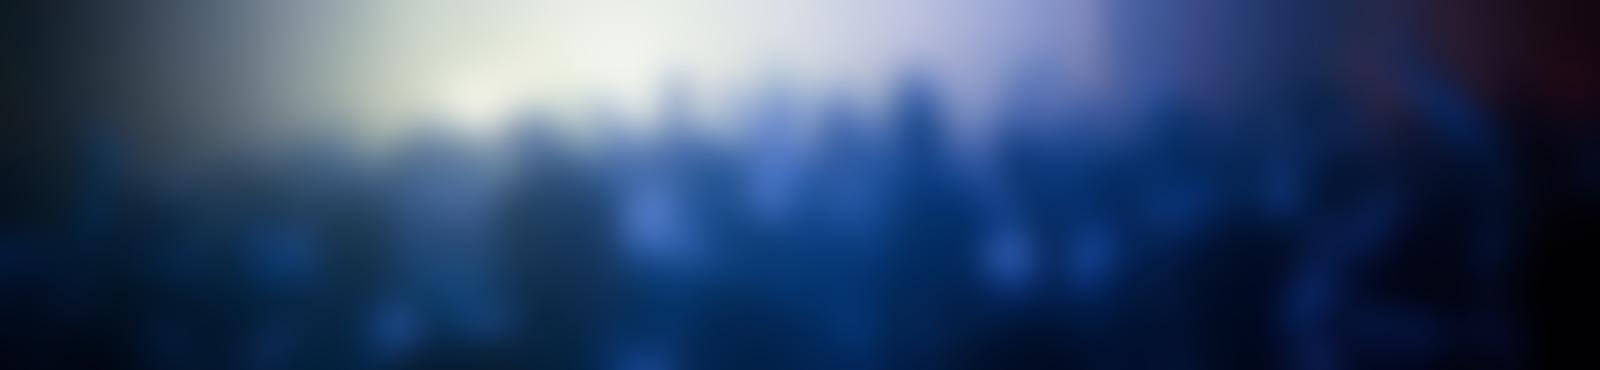 Blurred 489c30fe b644 4f7b a2b8 6a12d384e6d2